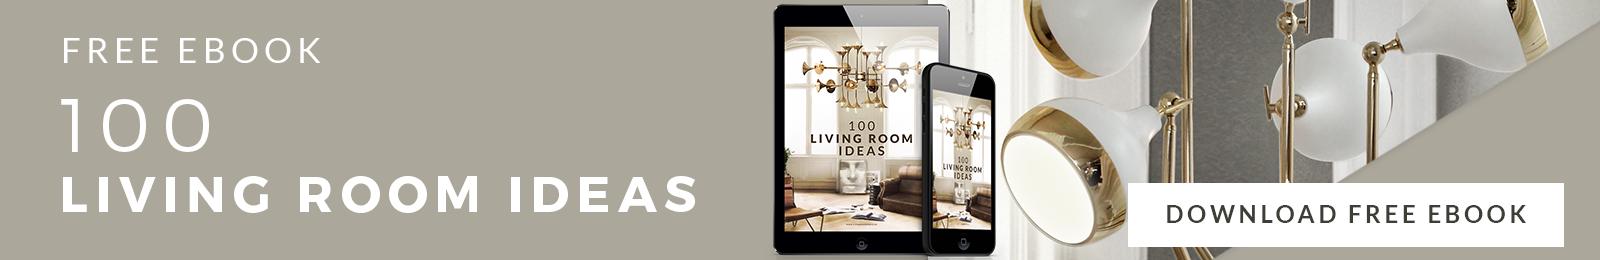 дизайн дома Современный дизайн дома в Дубае 100 living room ideas blog living room ideas